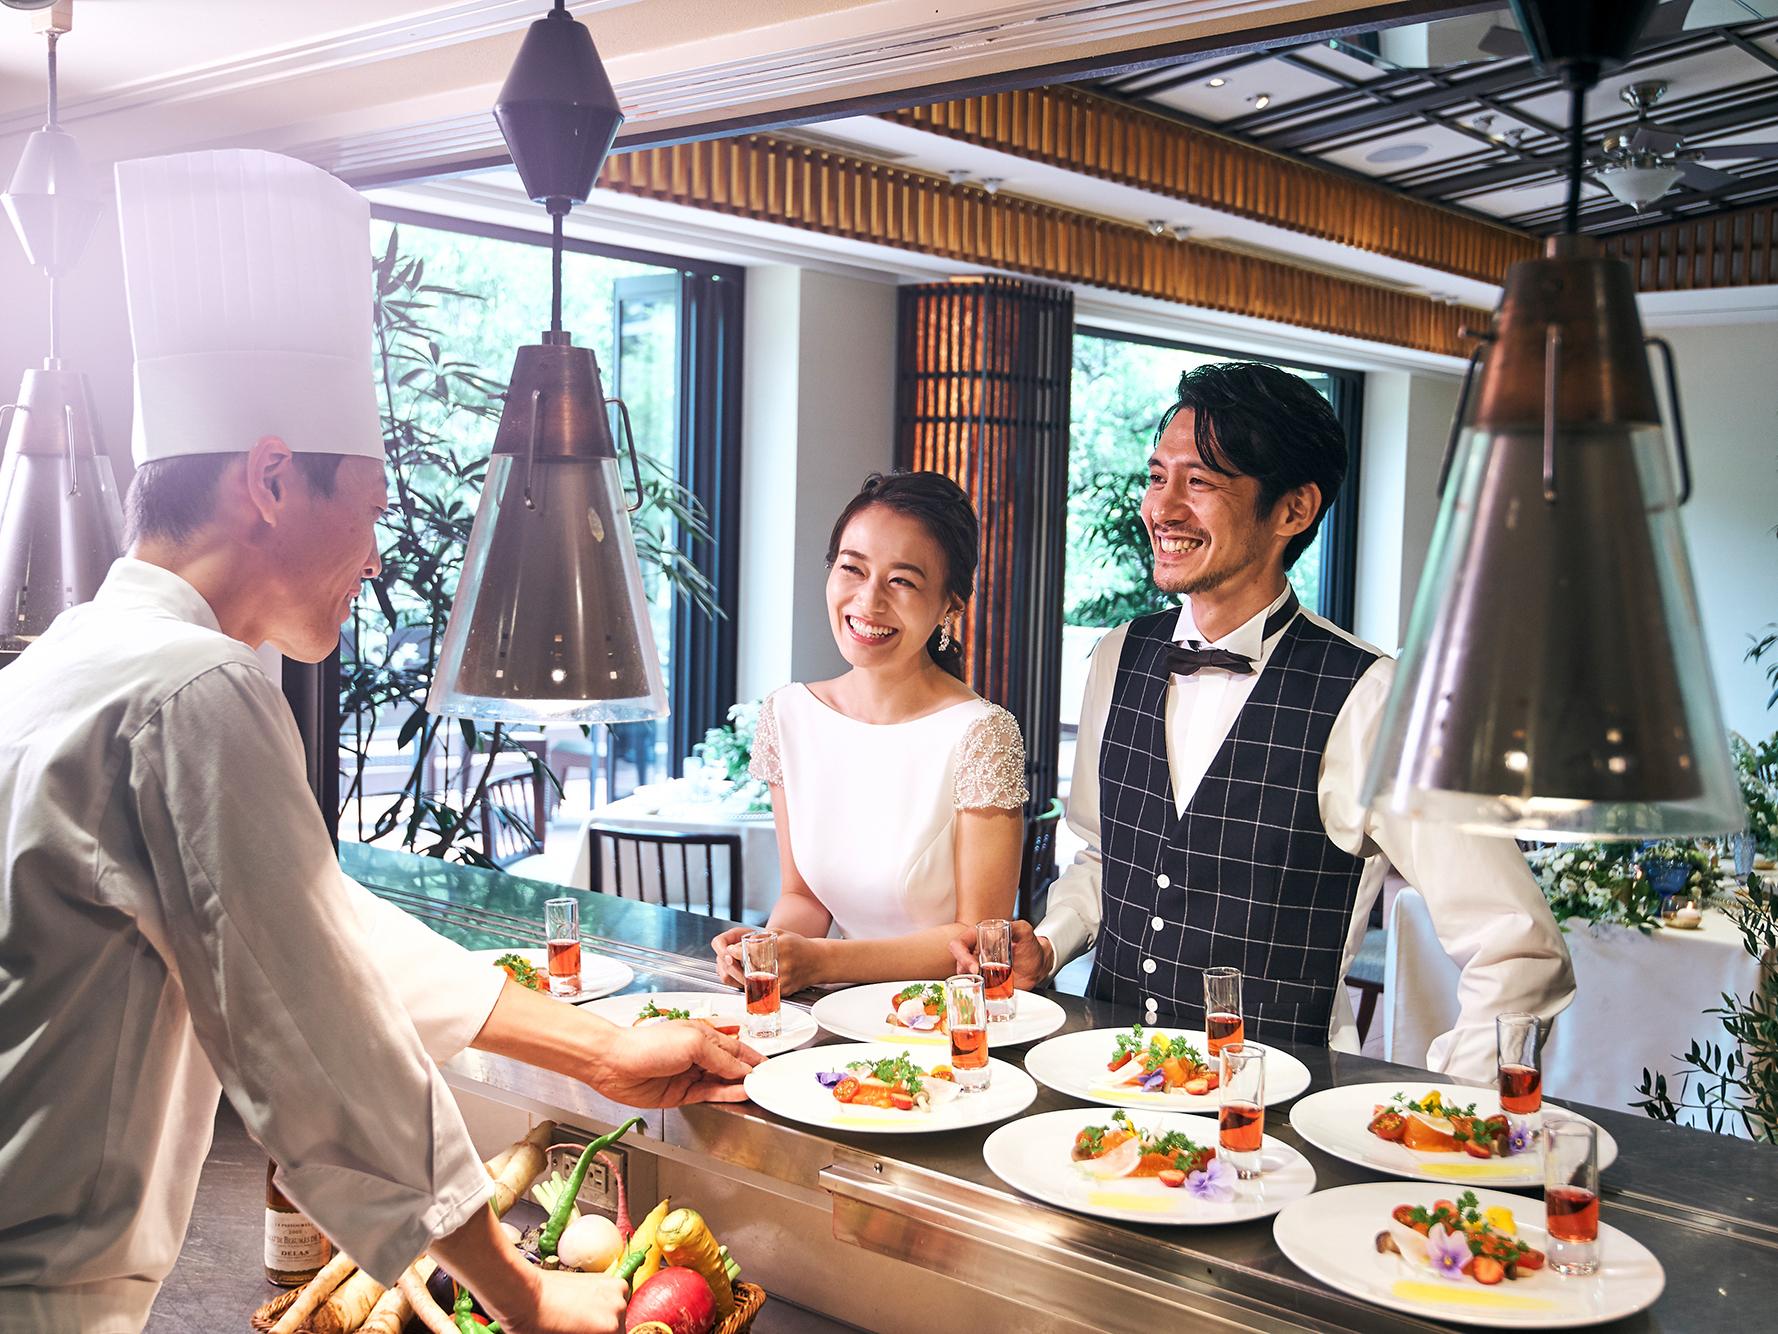 オープンキッチンからは出来立てのお料理が ゲストへサーブされる